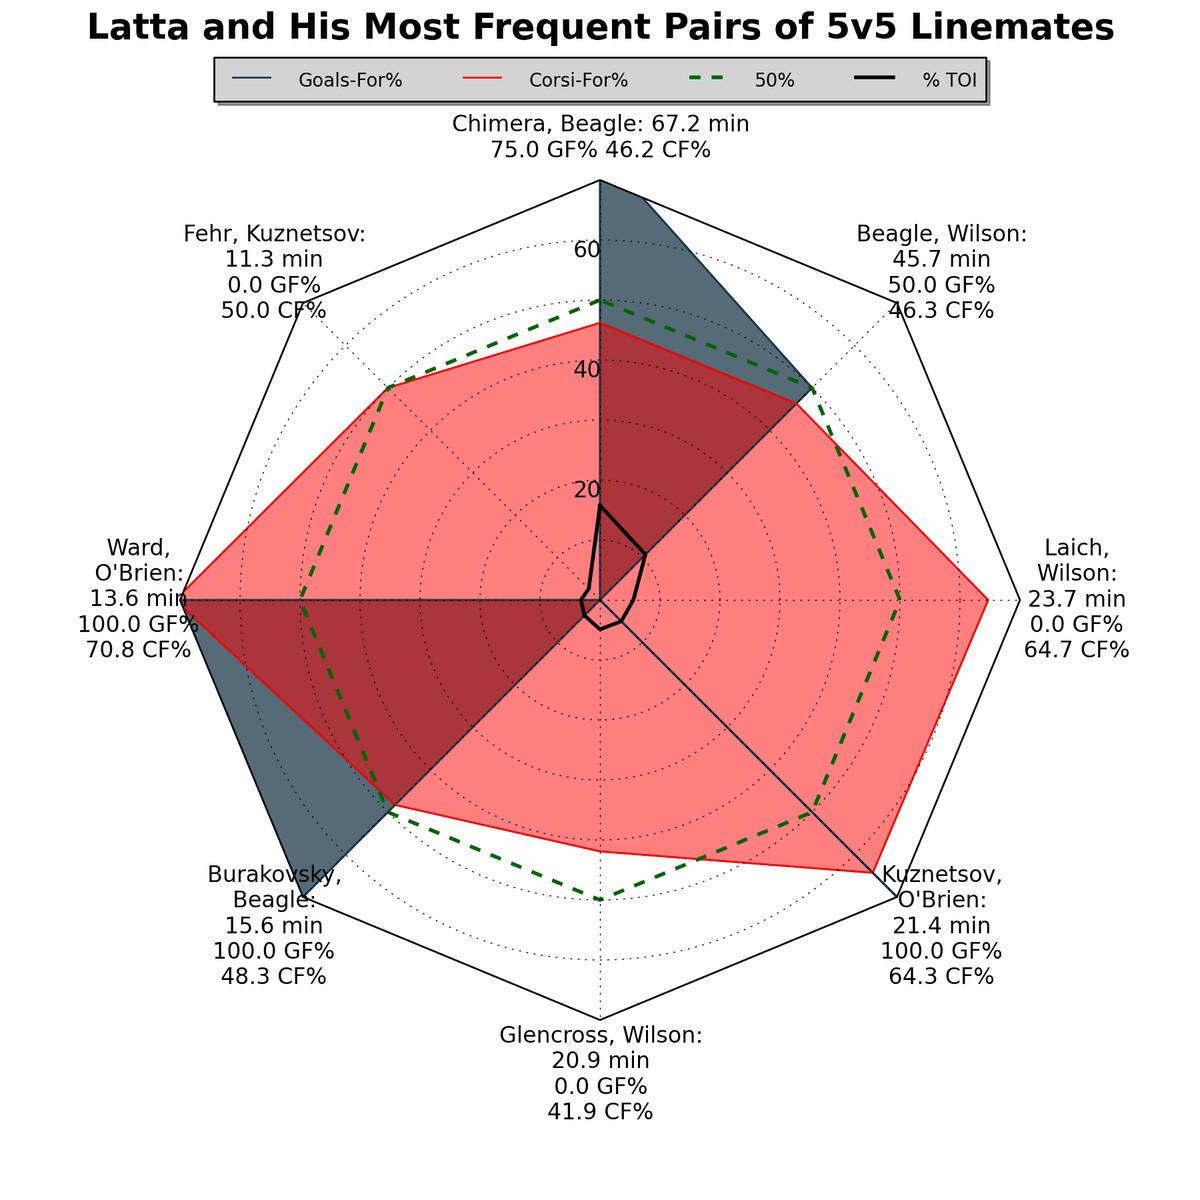 Latta linemates